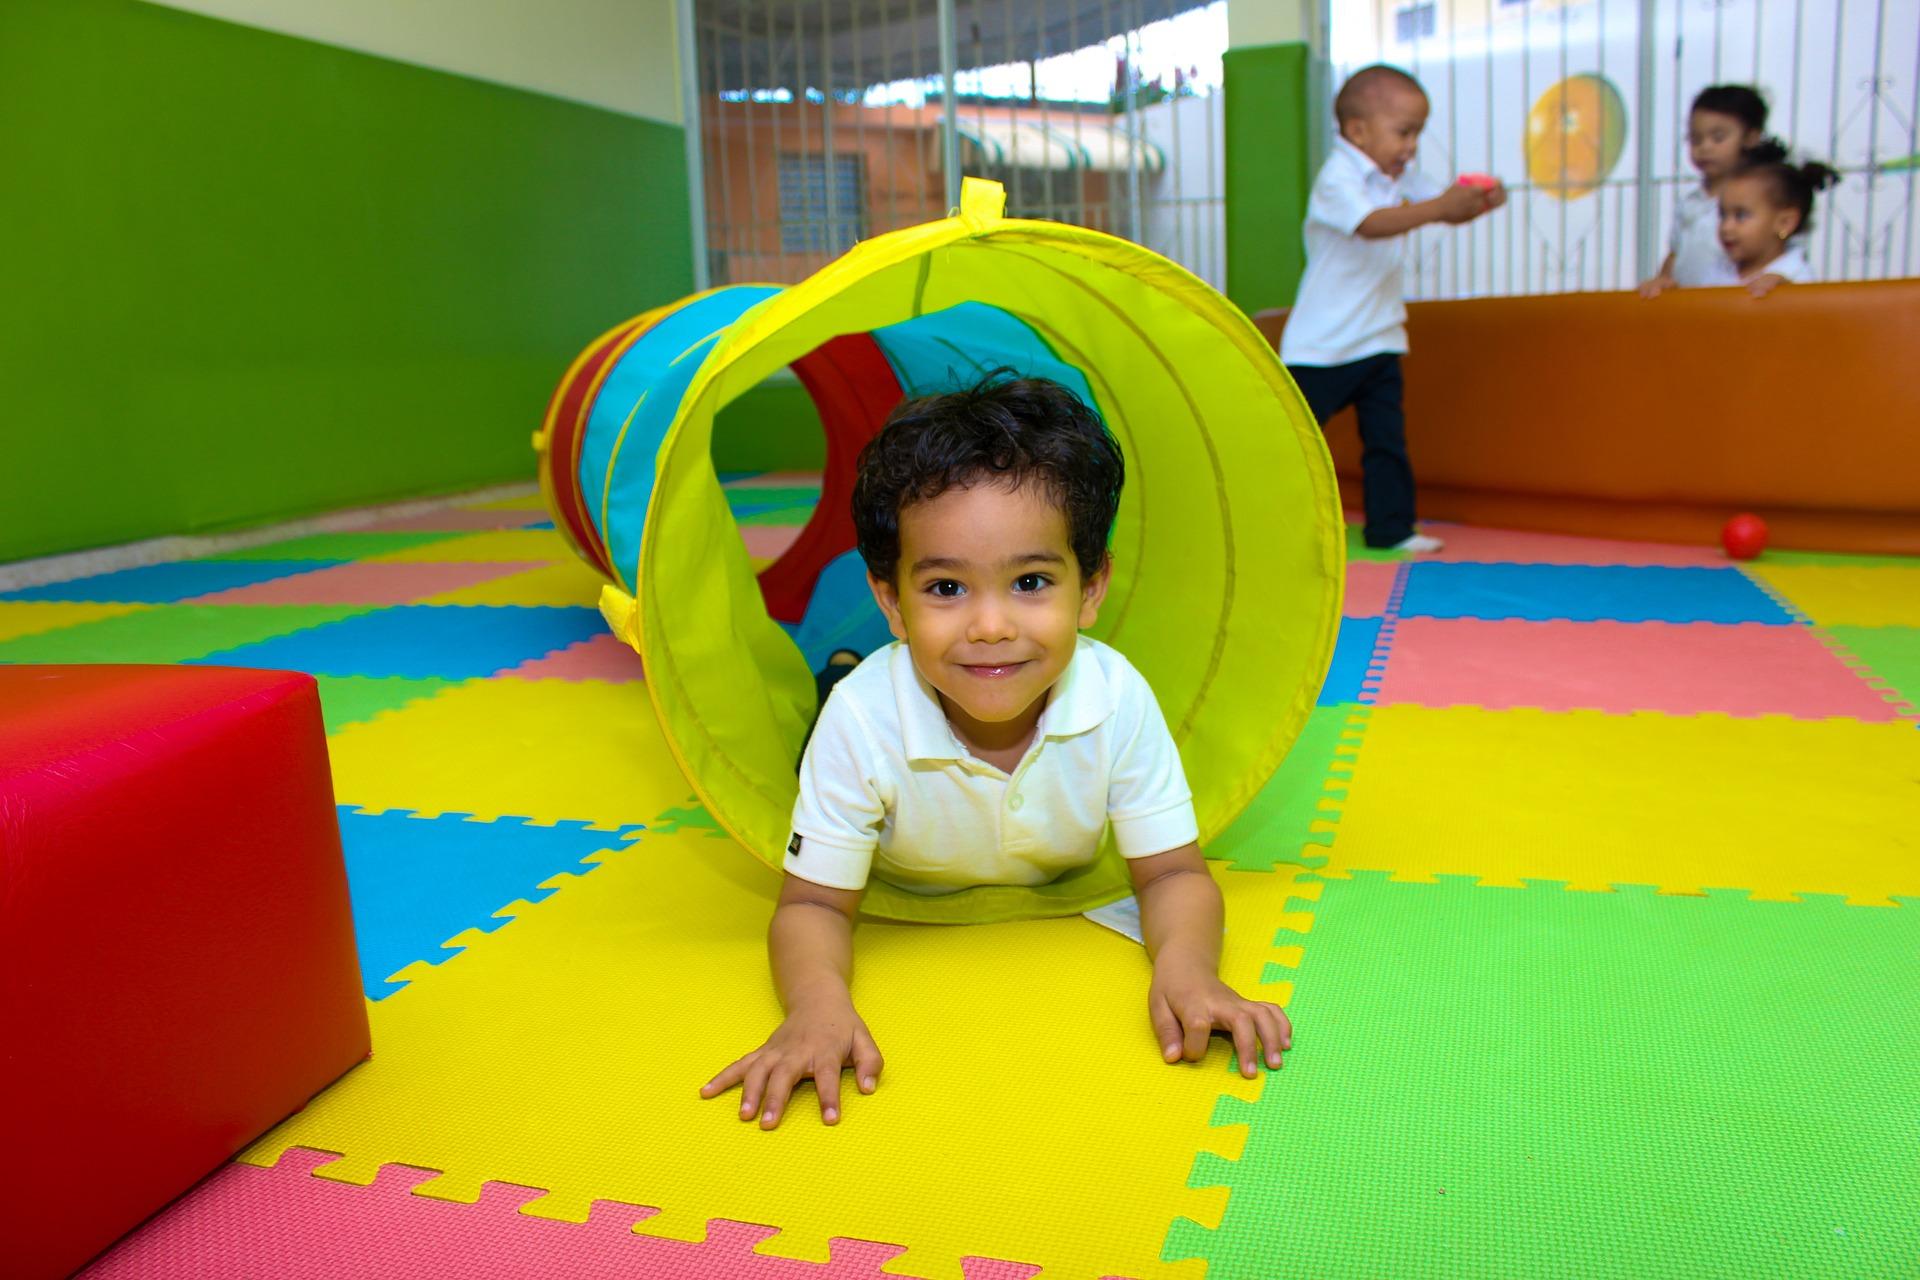 מה אפשר למצוא במאגר פעילויות odt לילדים?